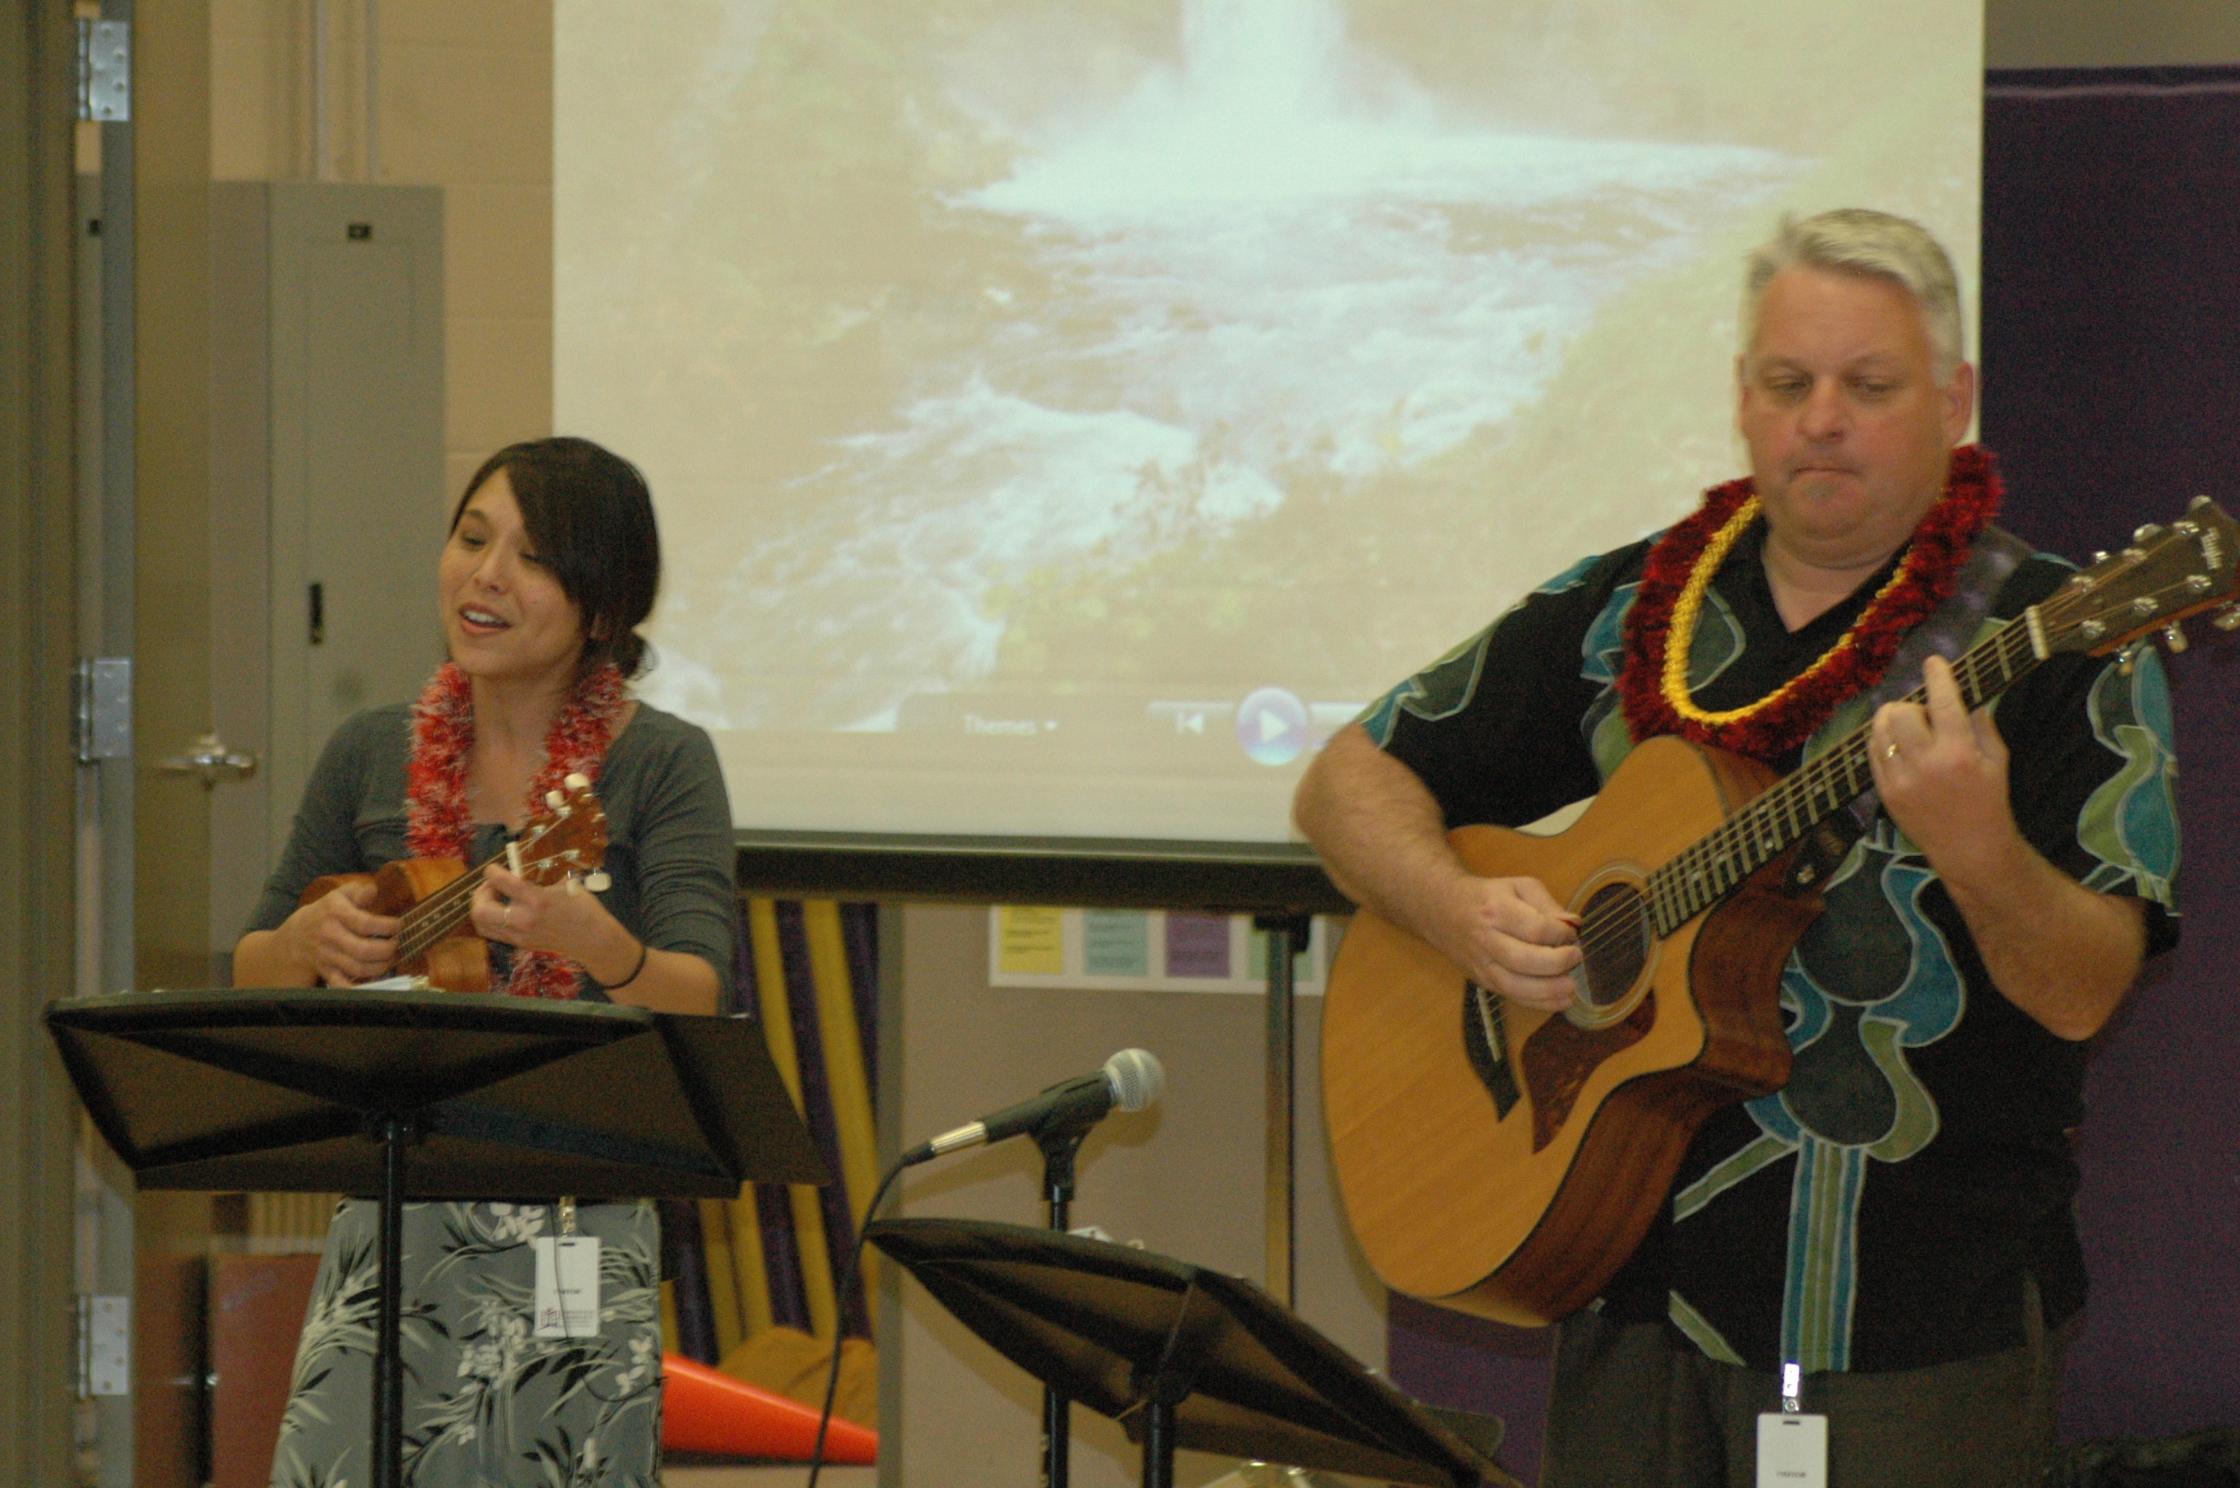 Kim Sueoka and David Burk